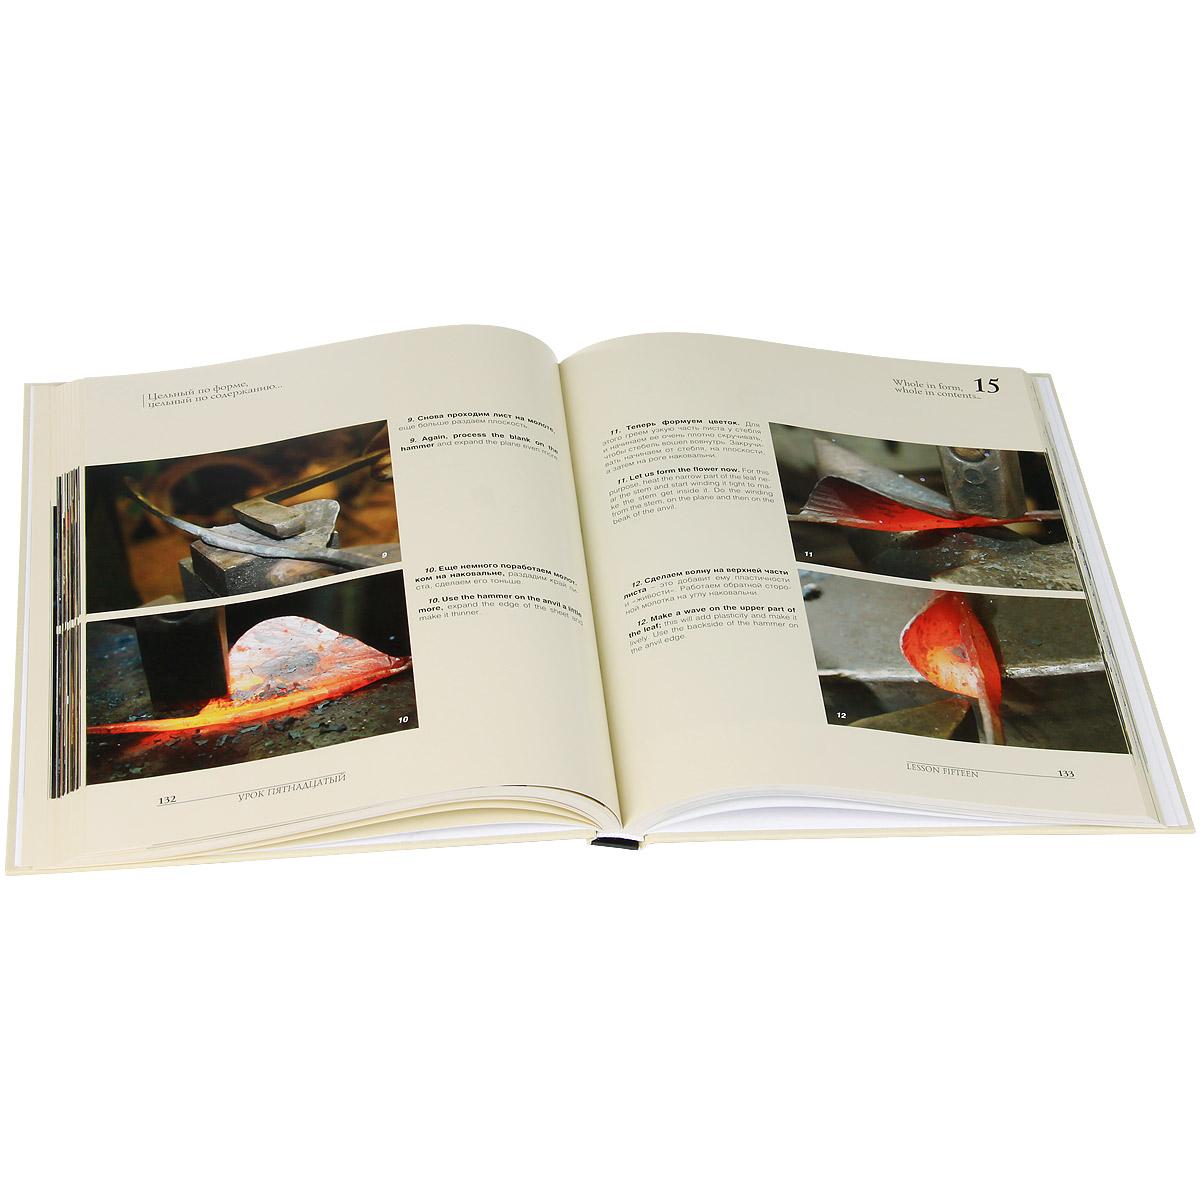 Школа кузнечного искусства / A School of blacksmiths art